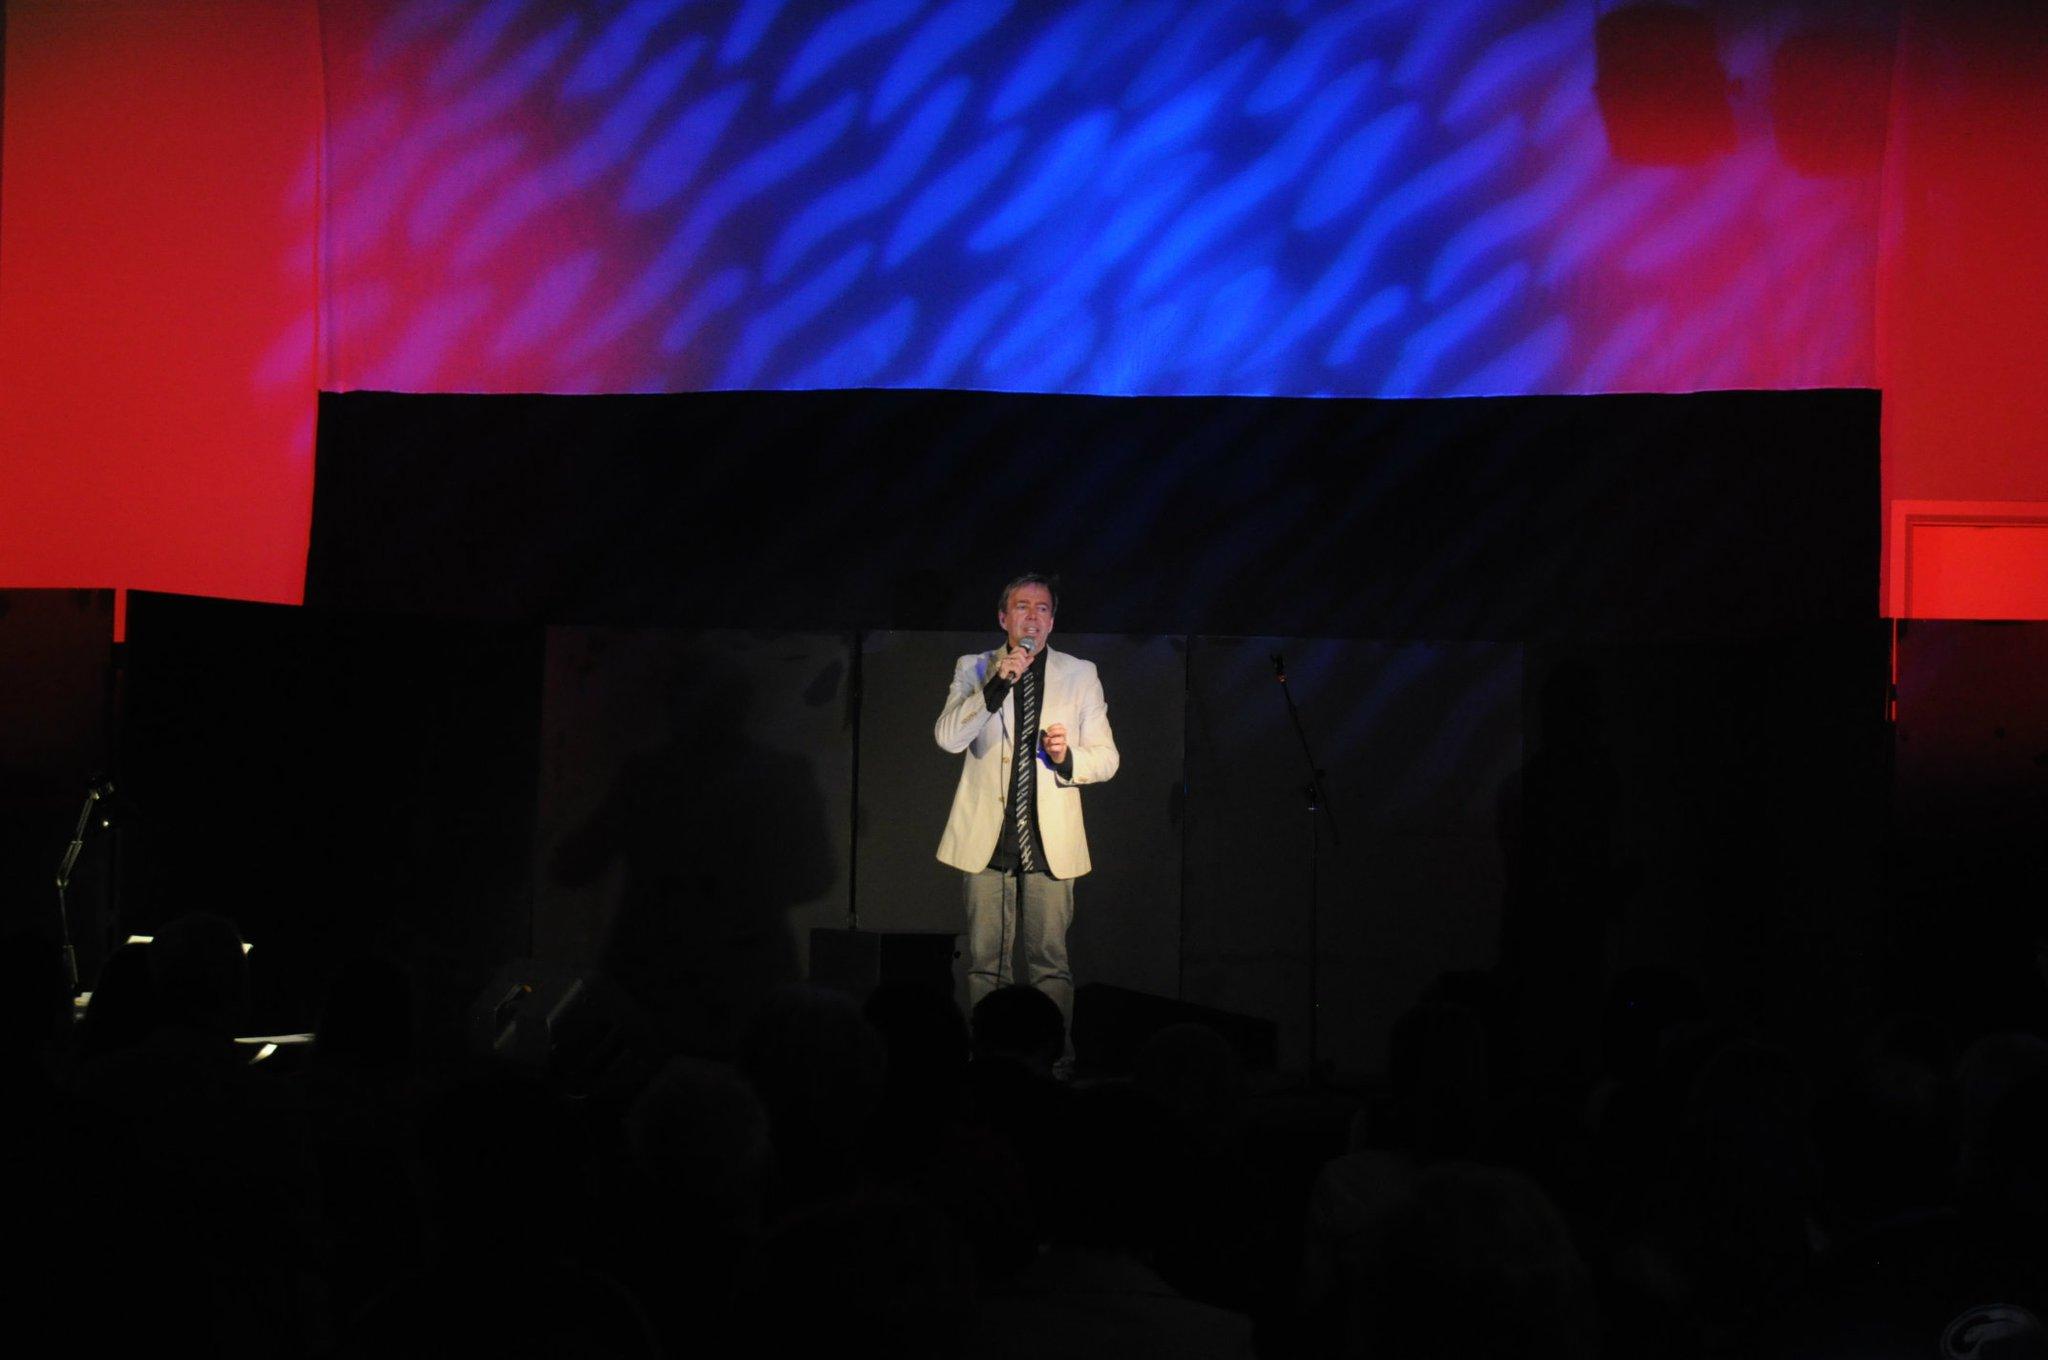 Ian introducing the Cabaret 2011